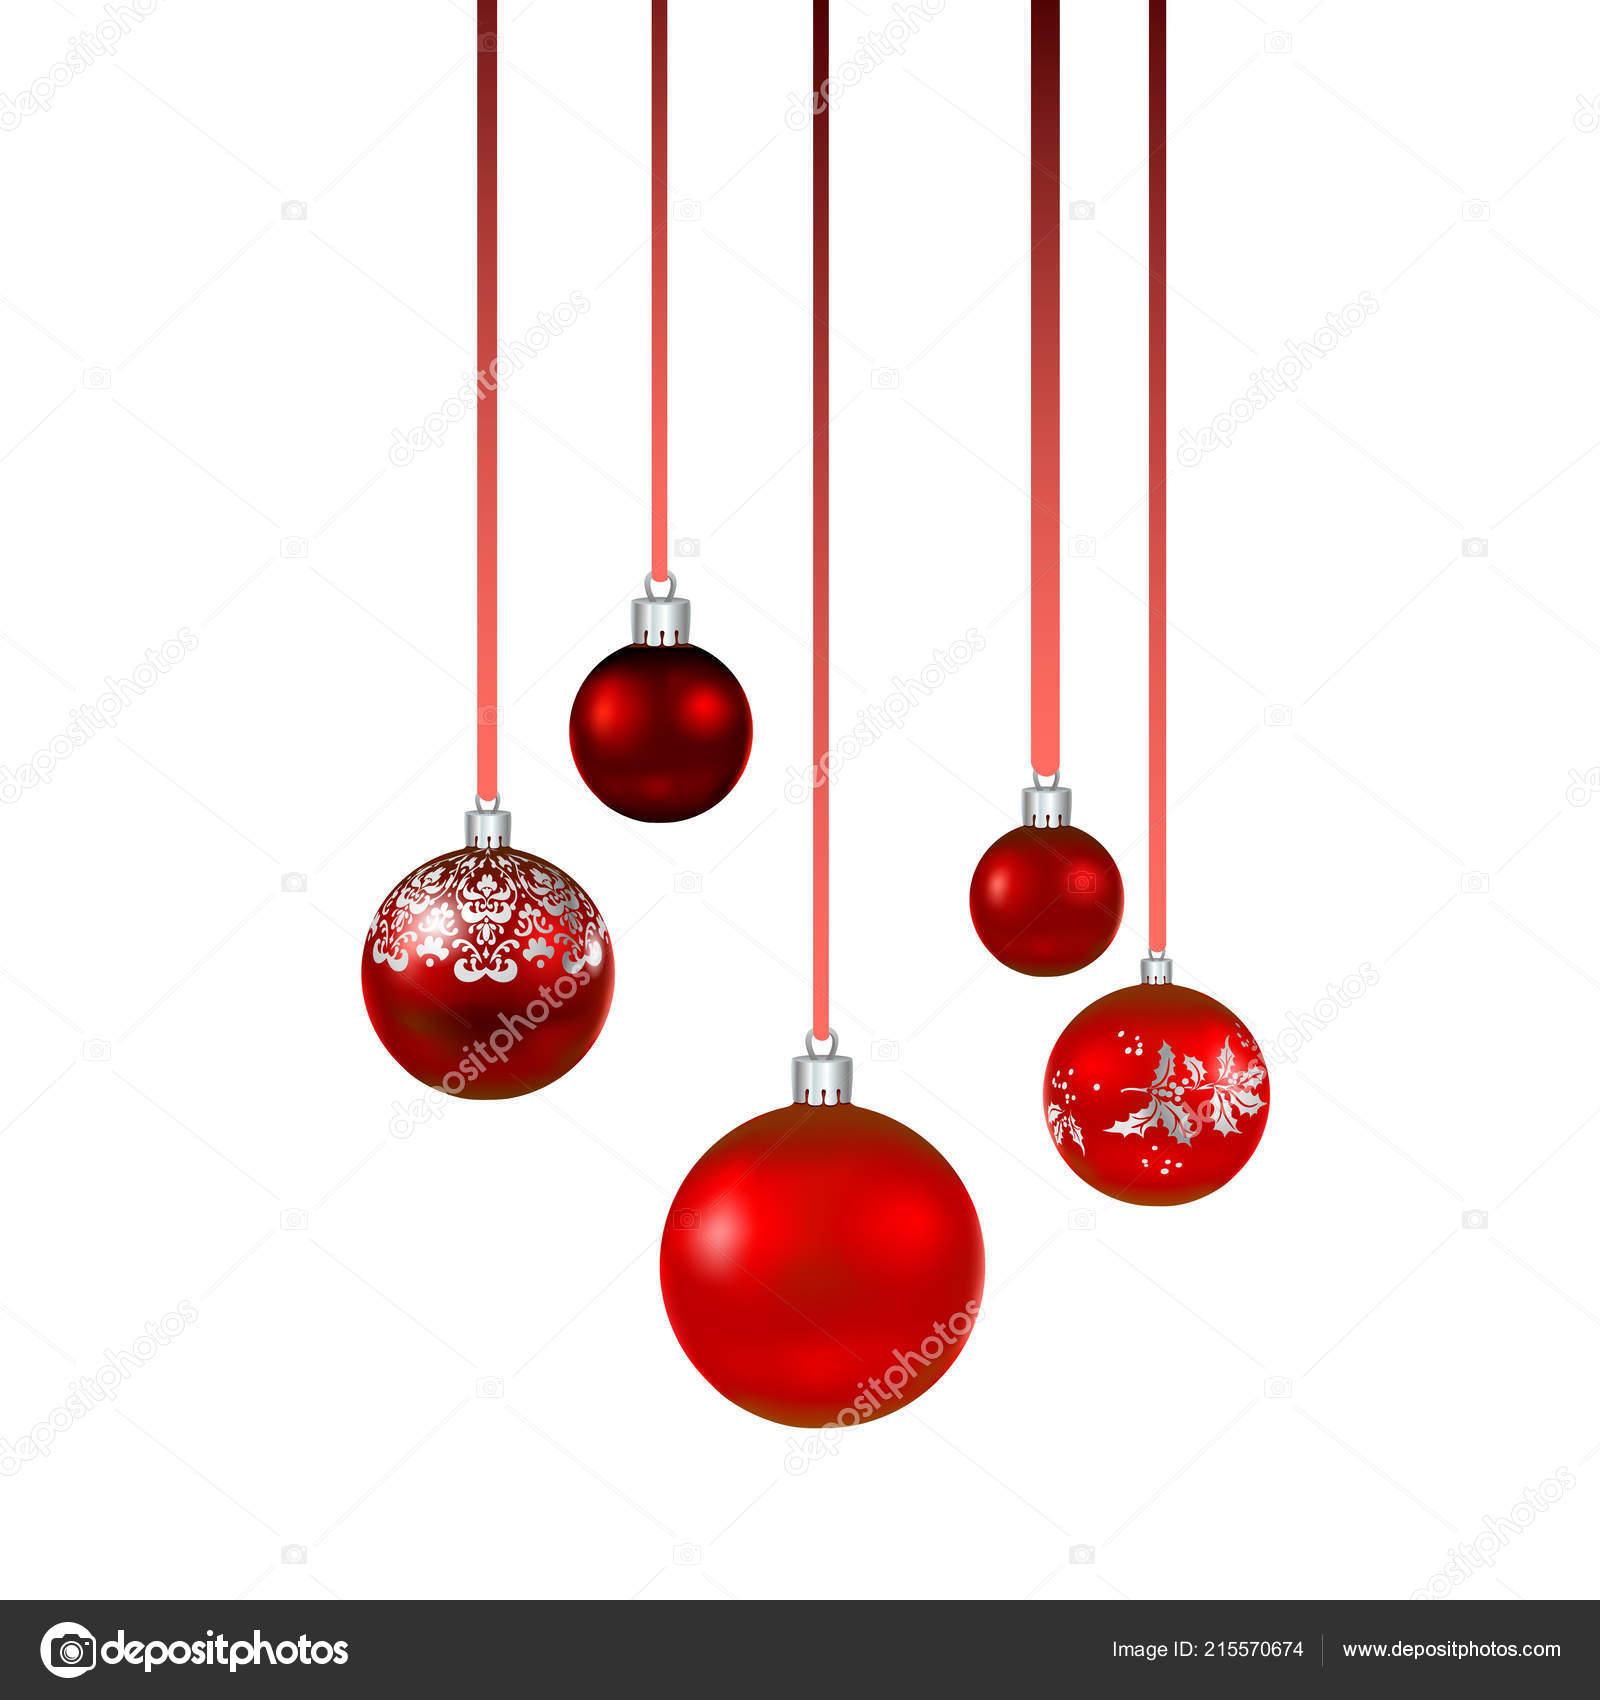 Weihnachten Probe Für Banner Werbung Flyer Karten Begrüßung Und ...